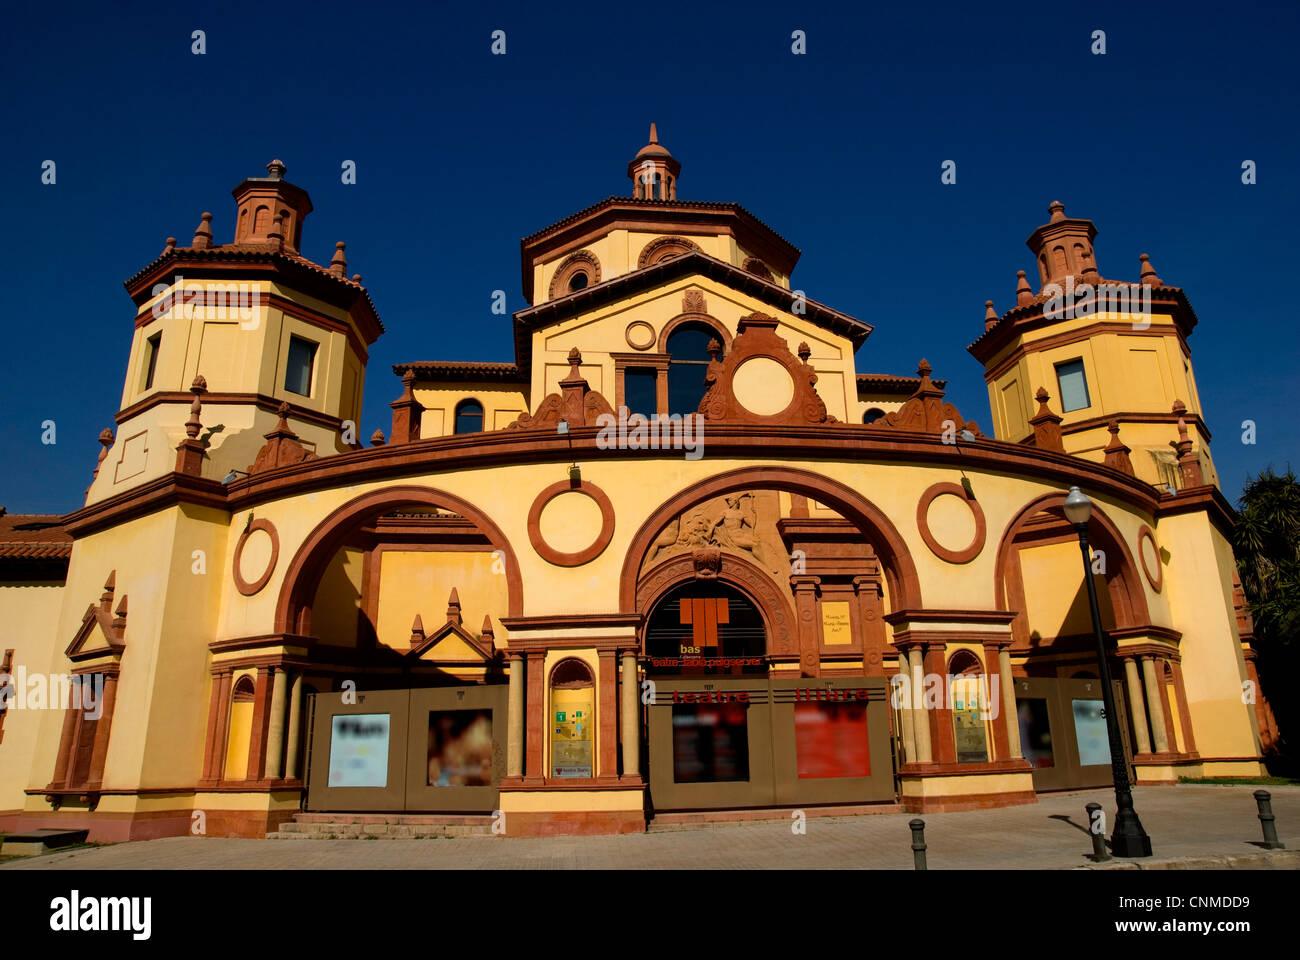 El mercat de les flors, Teatre Lliure ,Montjuic, Barcelona, Catalonia, Spain - Stock Image